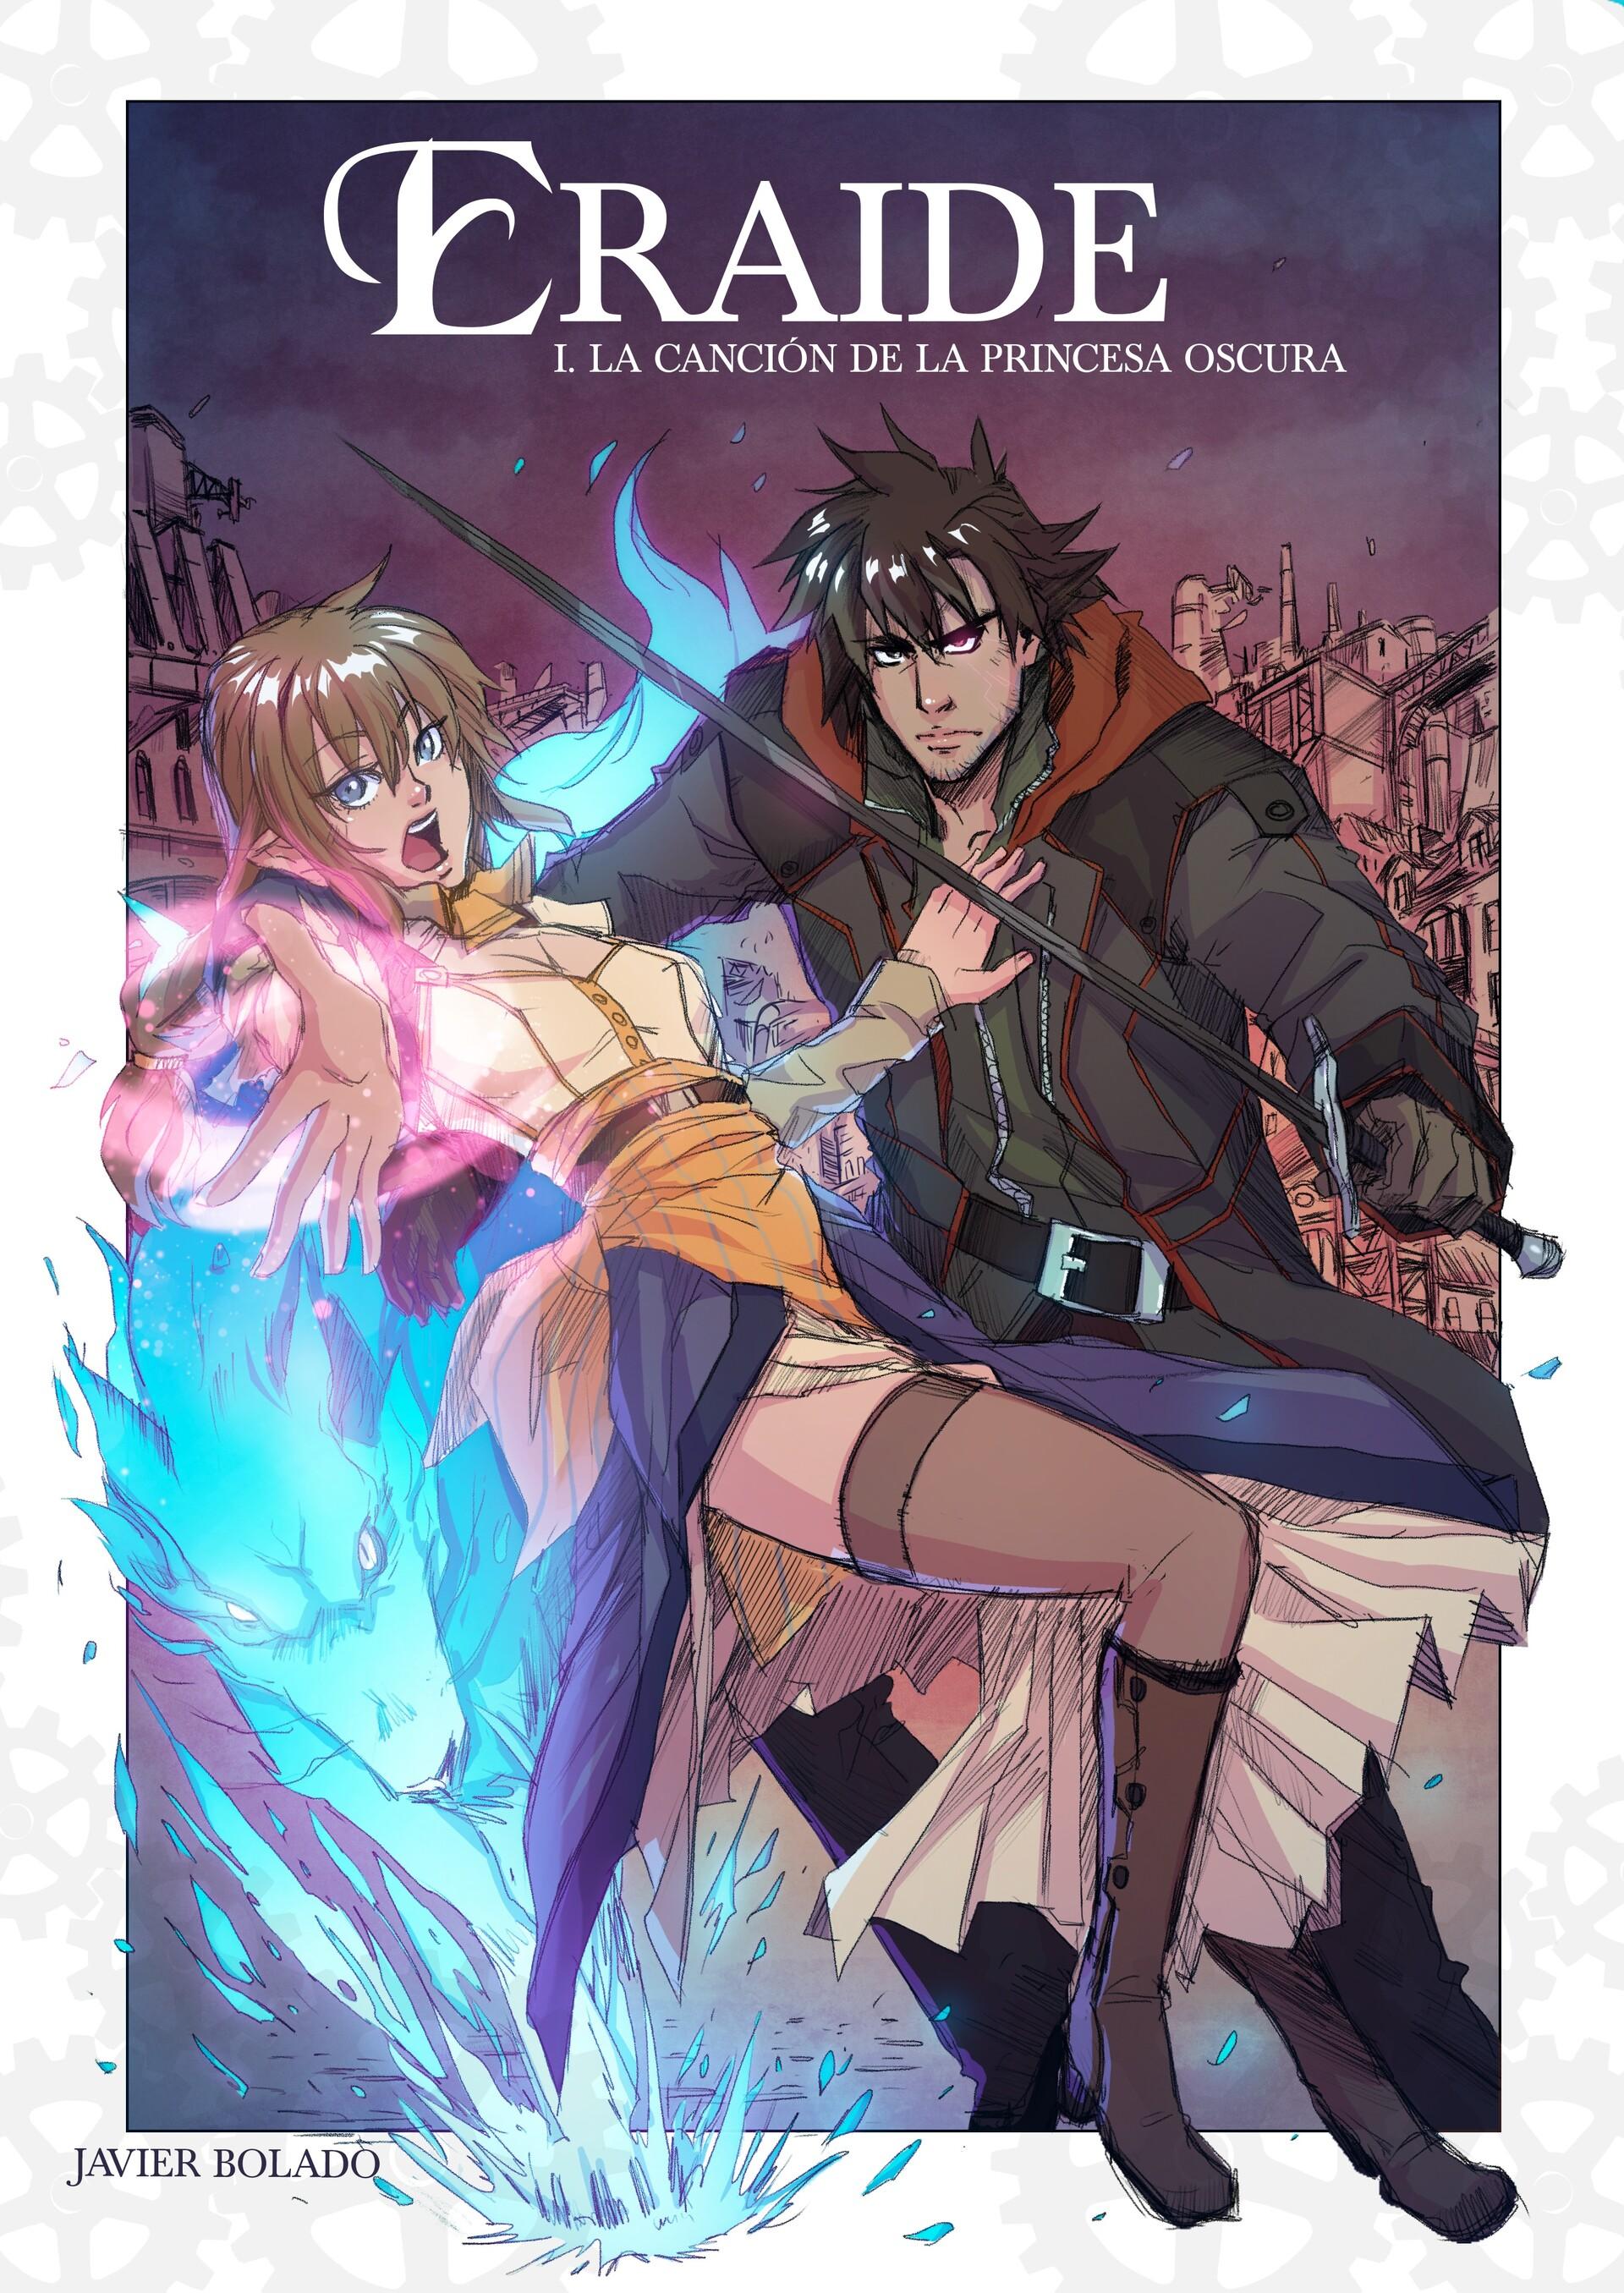 Eraide I - La Canción de la Princesa Oscura